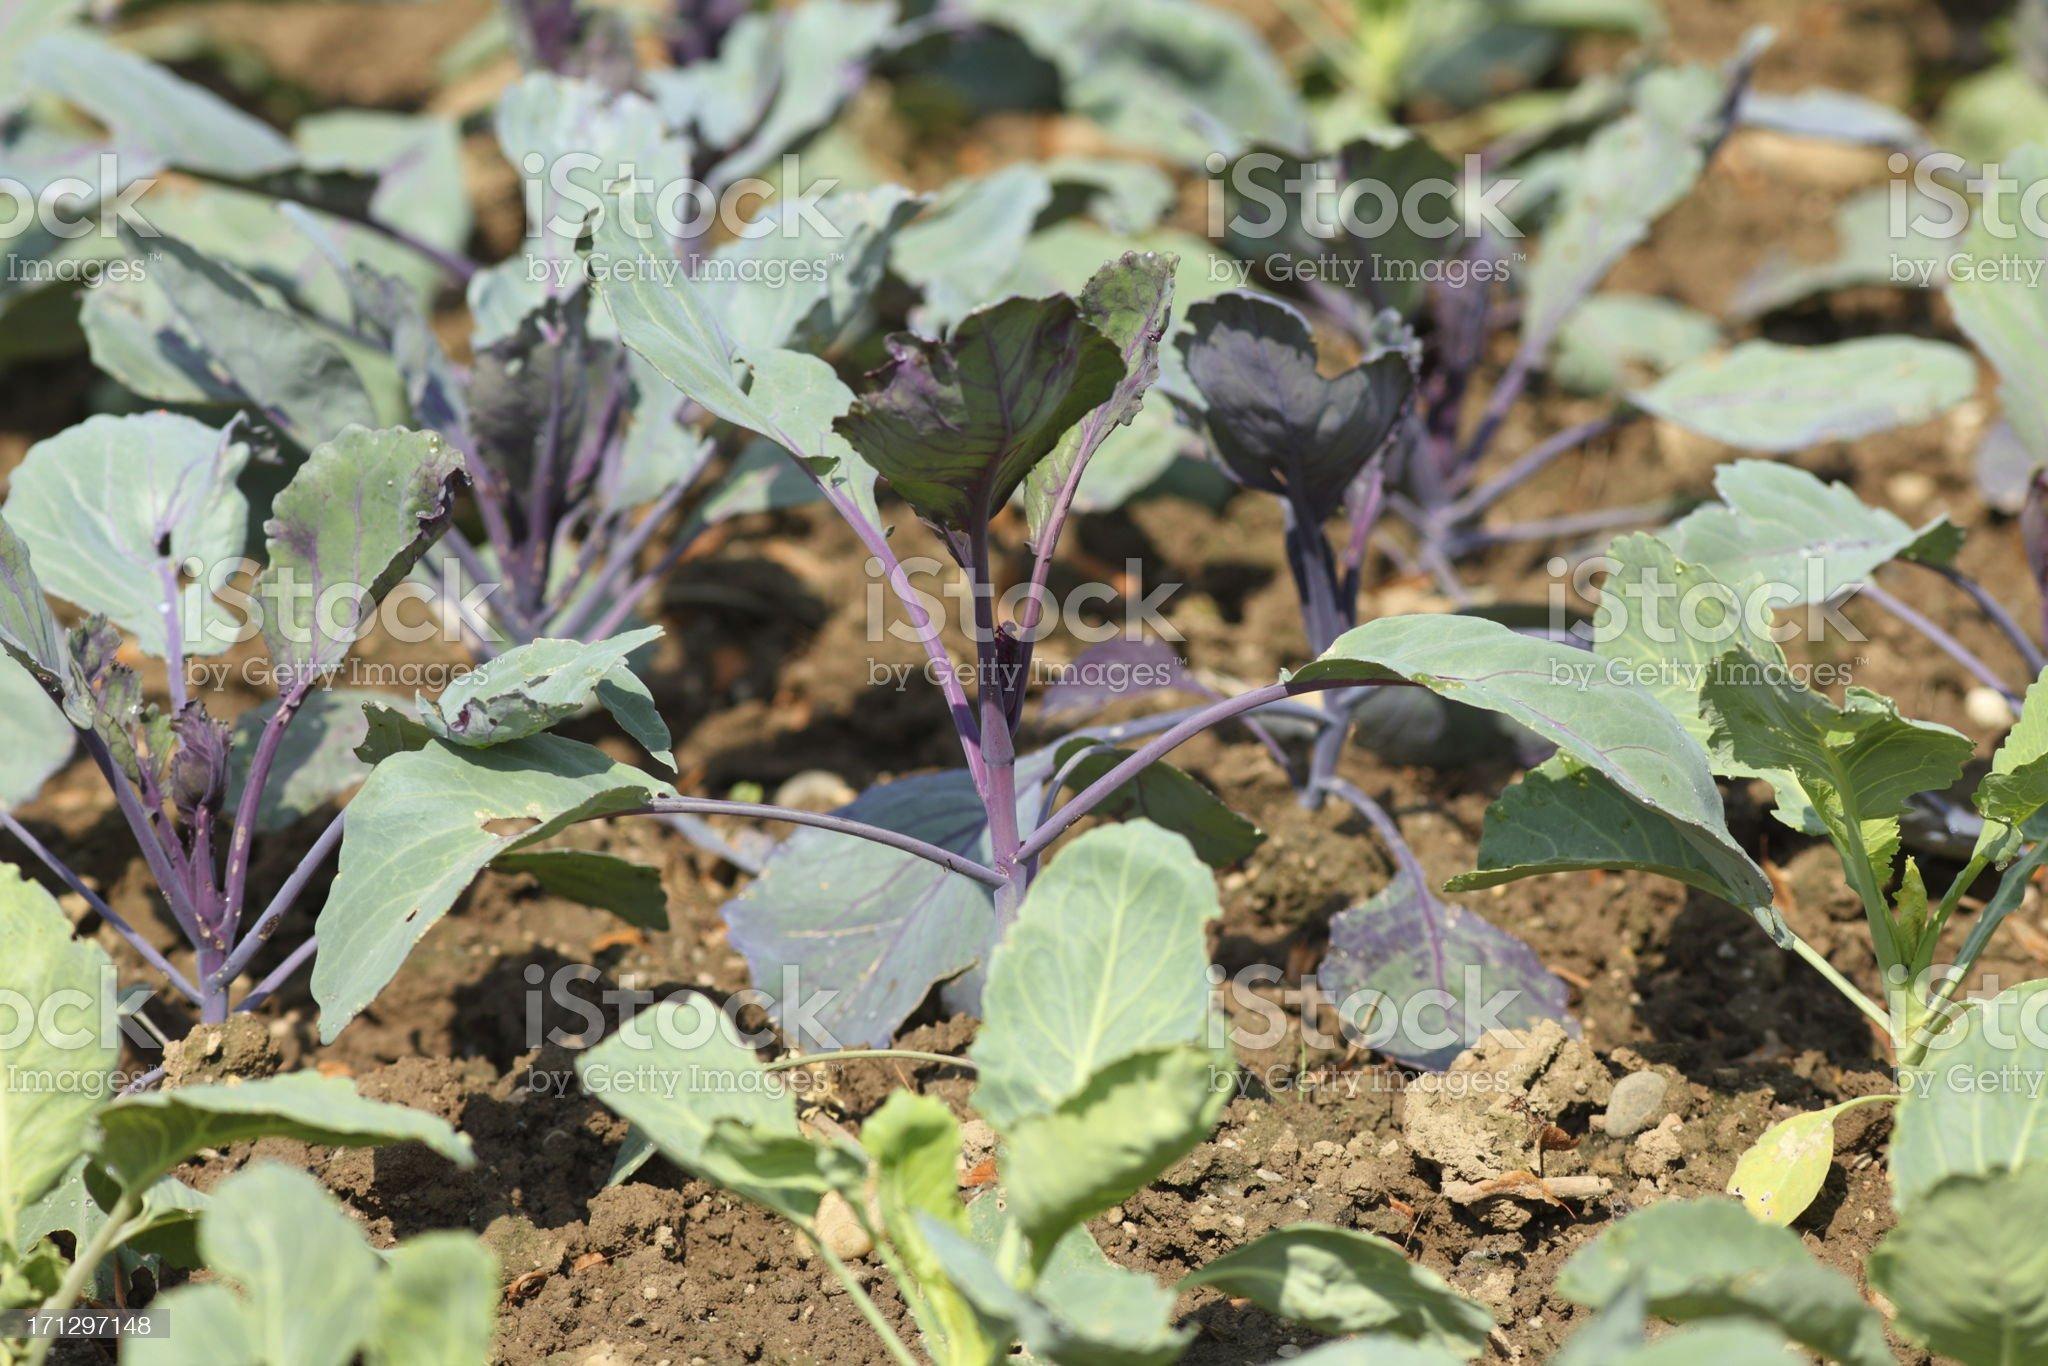 garden with kohlrabi royalty-free stock photo